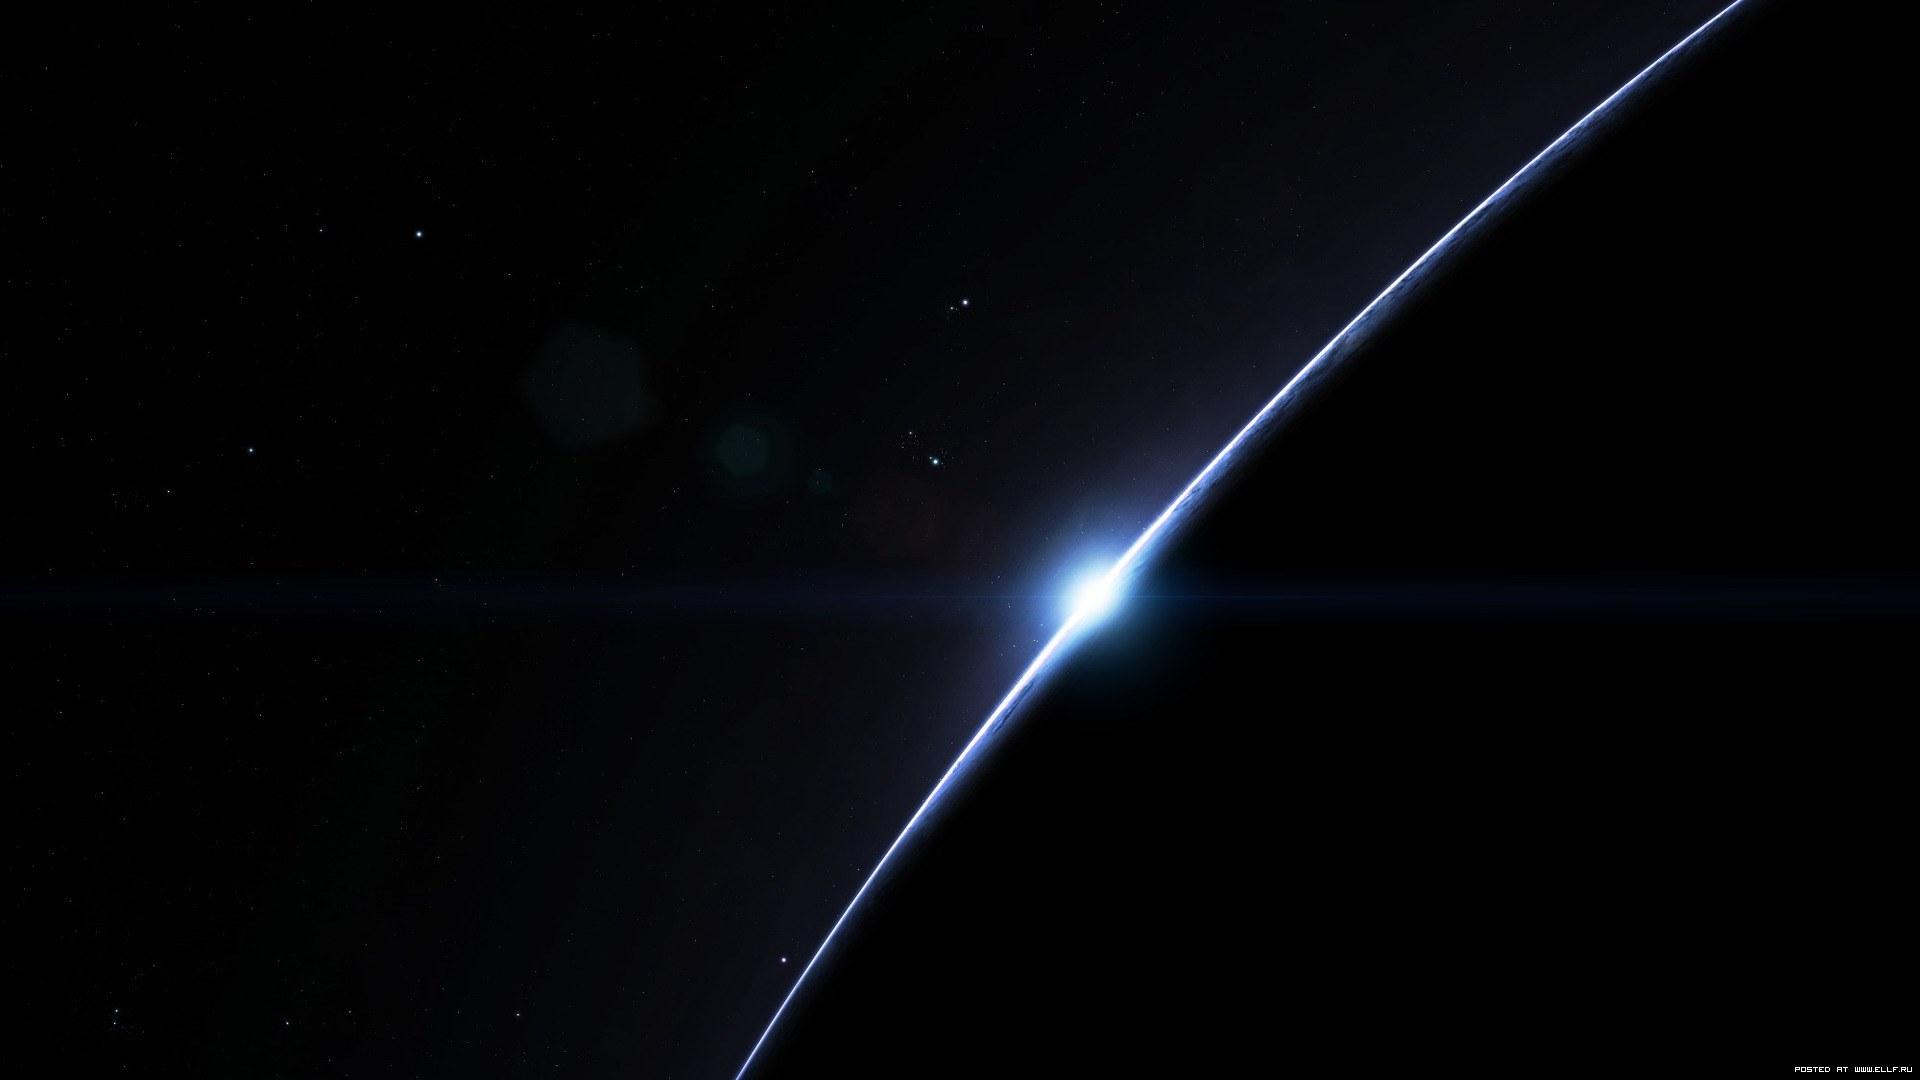 11712 Lade kostenlos Schwarz Hintergrundbilder für dein Handy herunter, Landschaft, Universum, Planets Schwarz Bilder und Bildschirmschoner für dein Handy